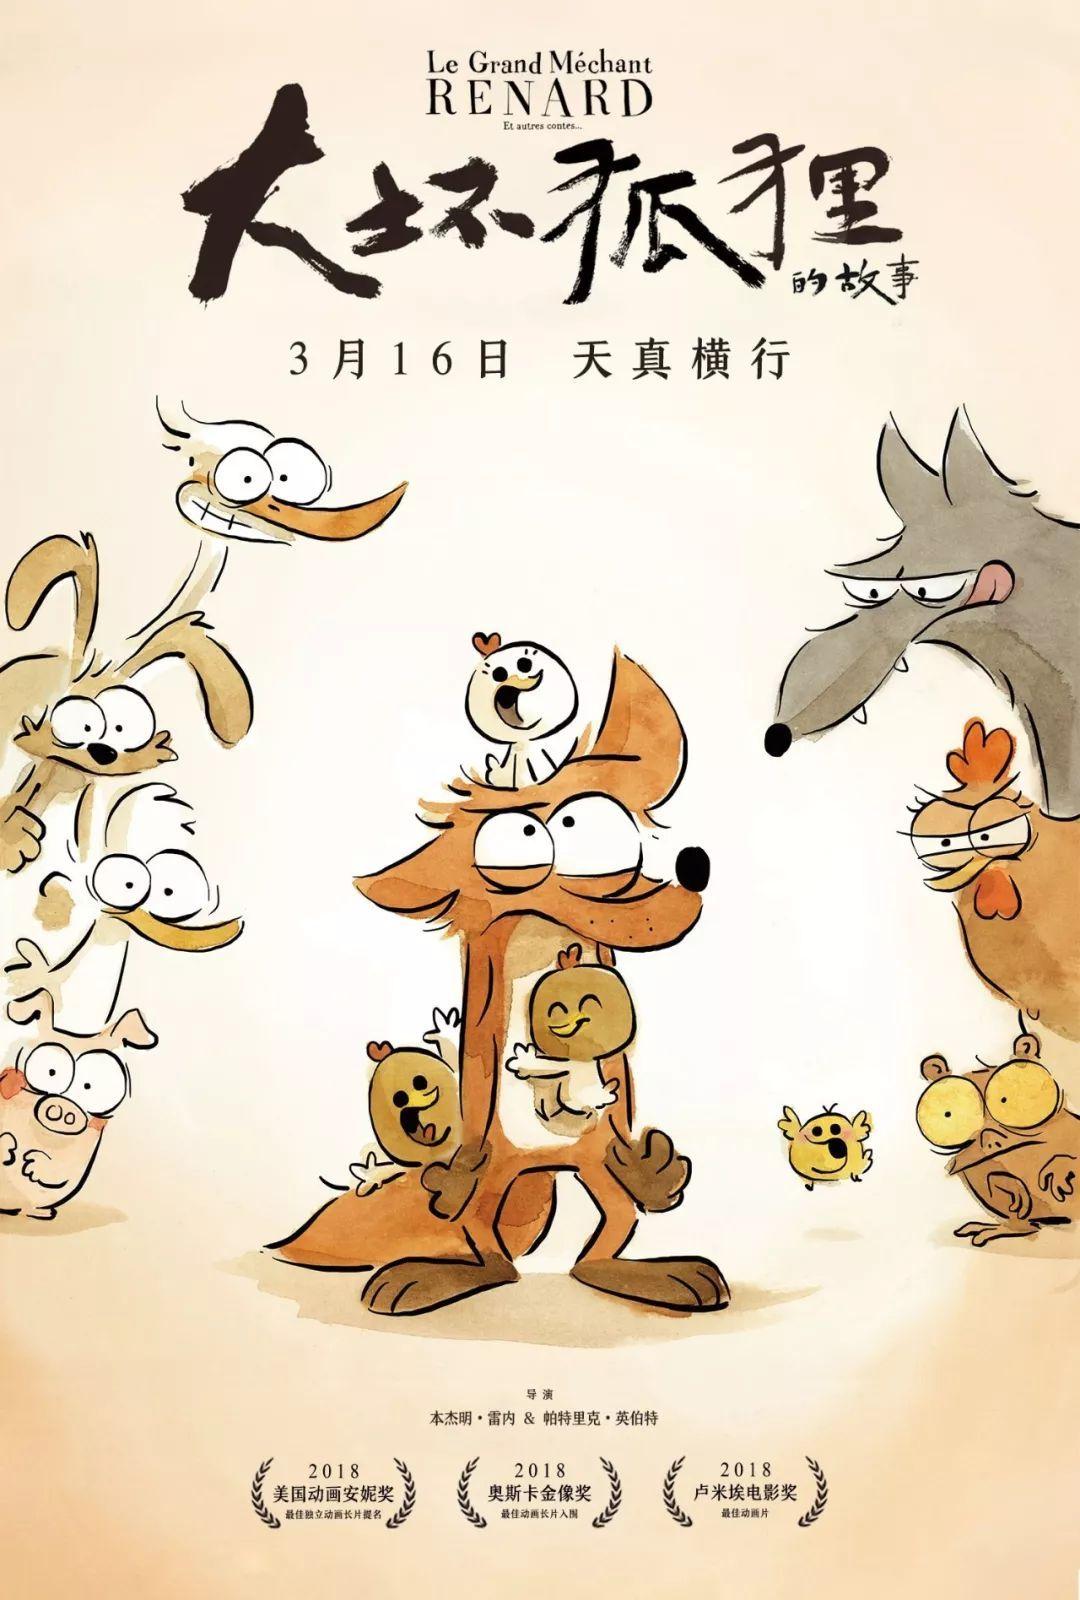 周末带孩子来看动画片啦 大坏狐狸的故事 比得兔